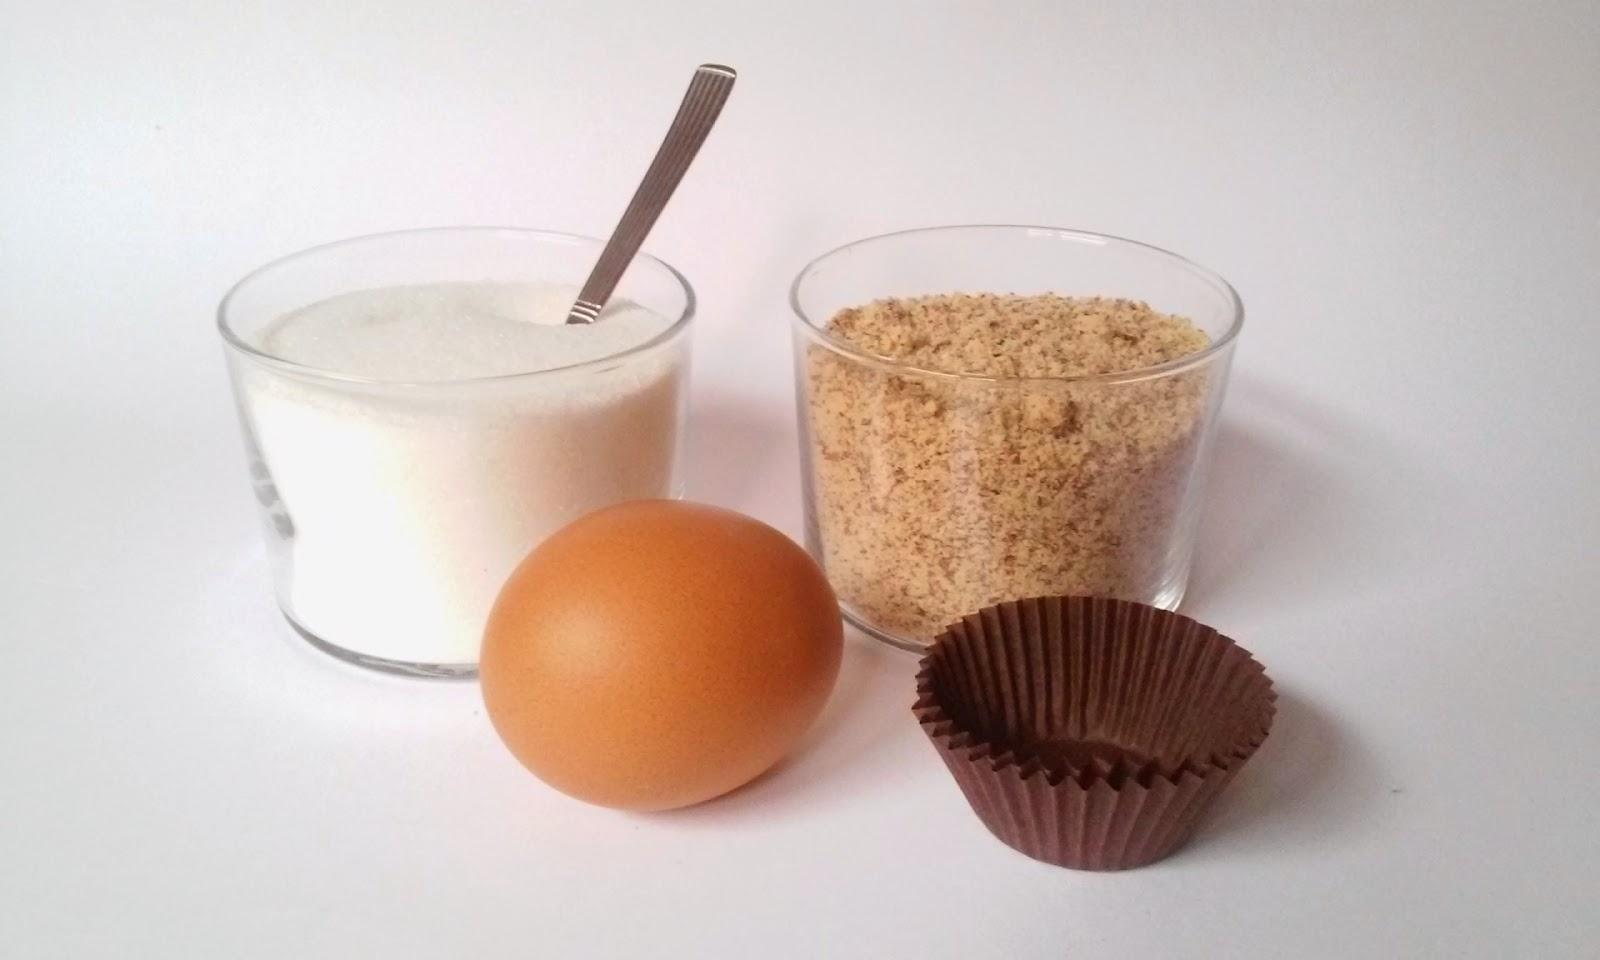 ingredientes bolitas de almendra